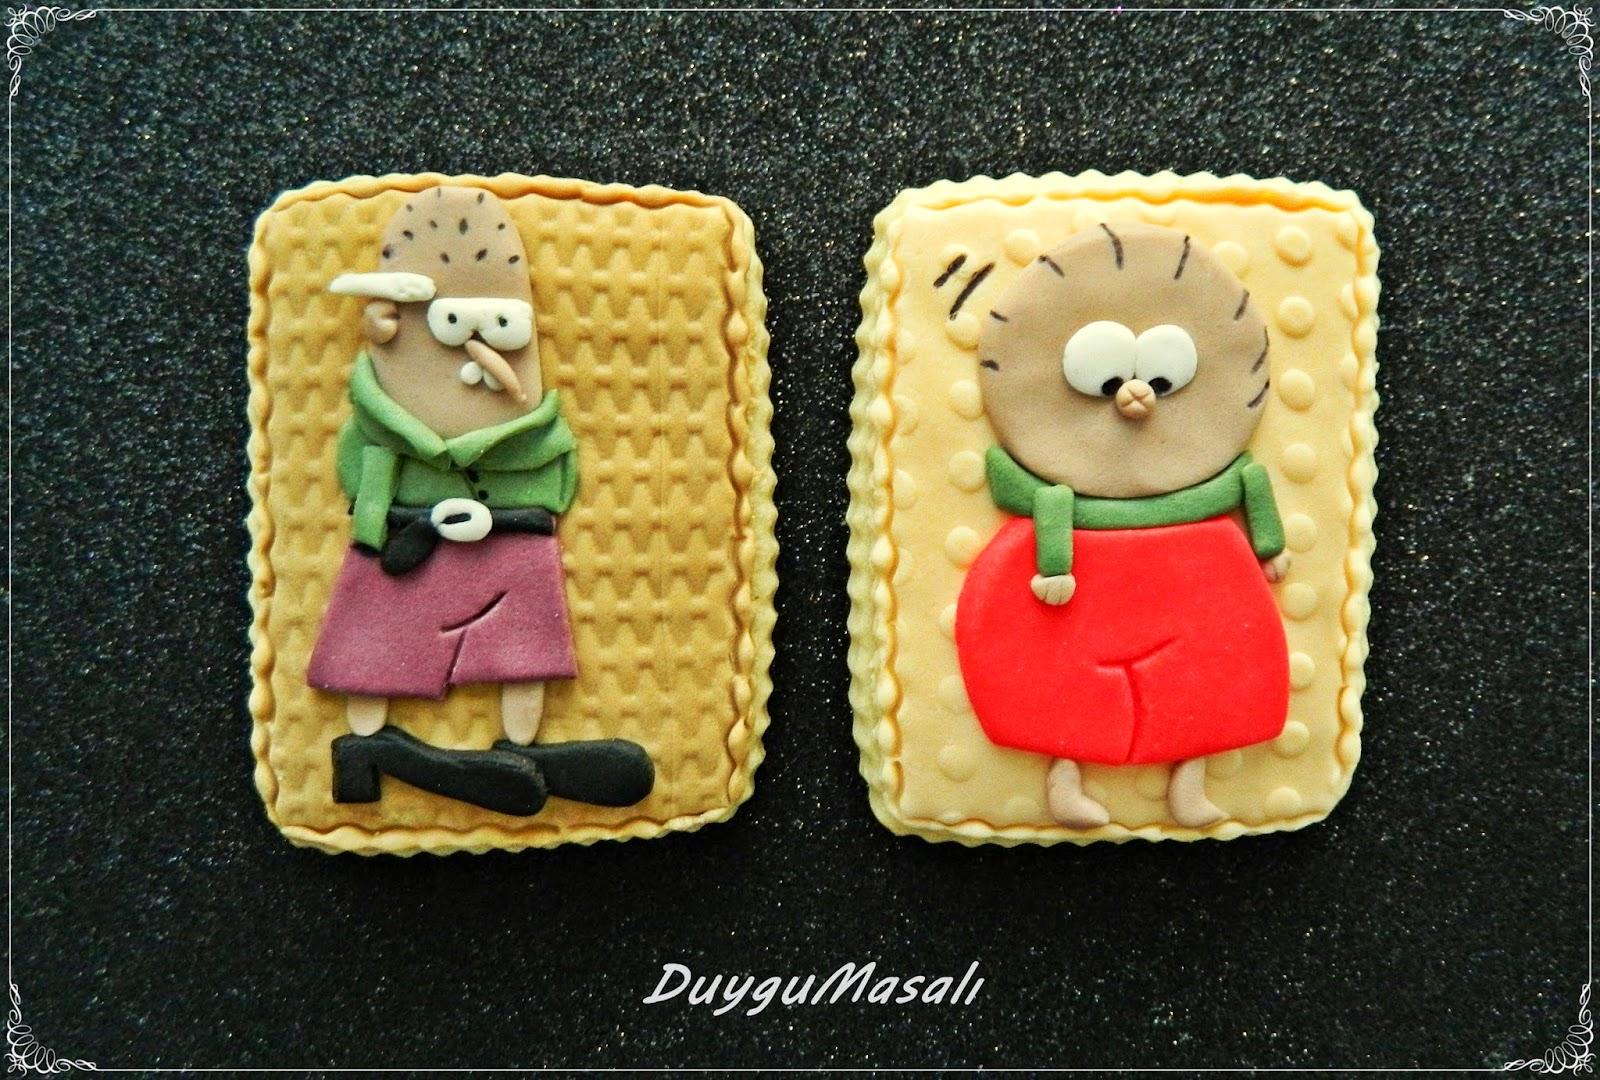 edirne çizgi karakter butik kurabiye